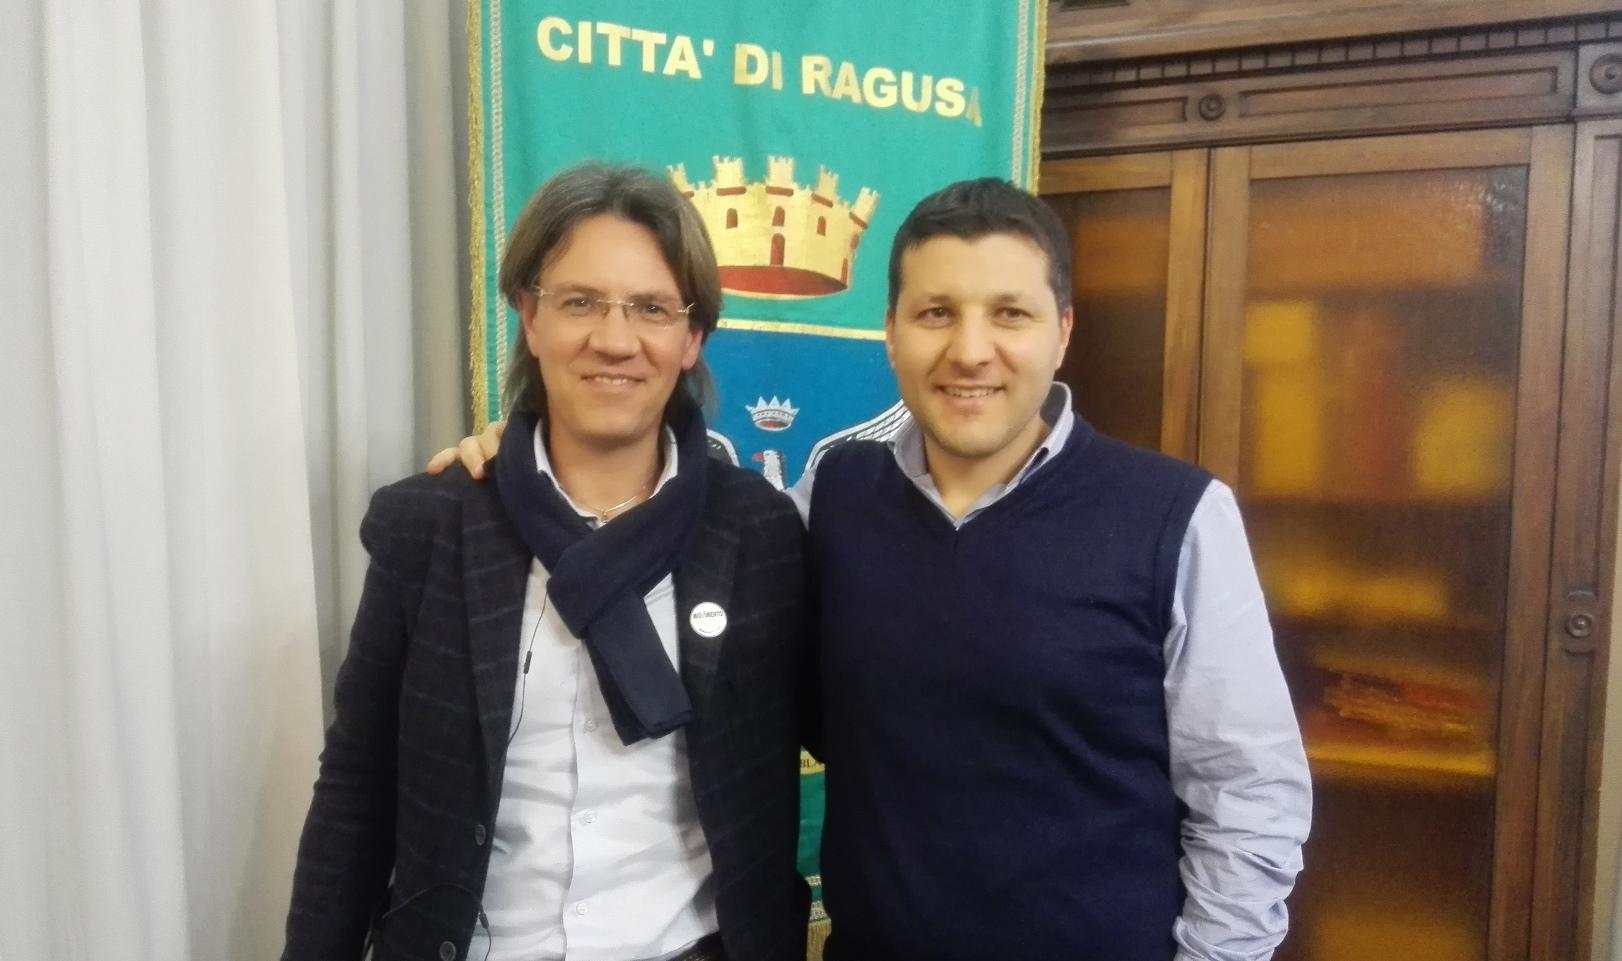 Piccitto-Ciotta